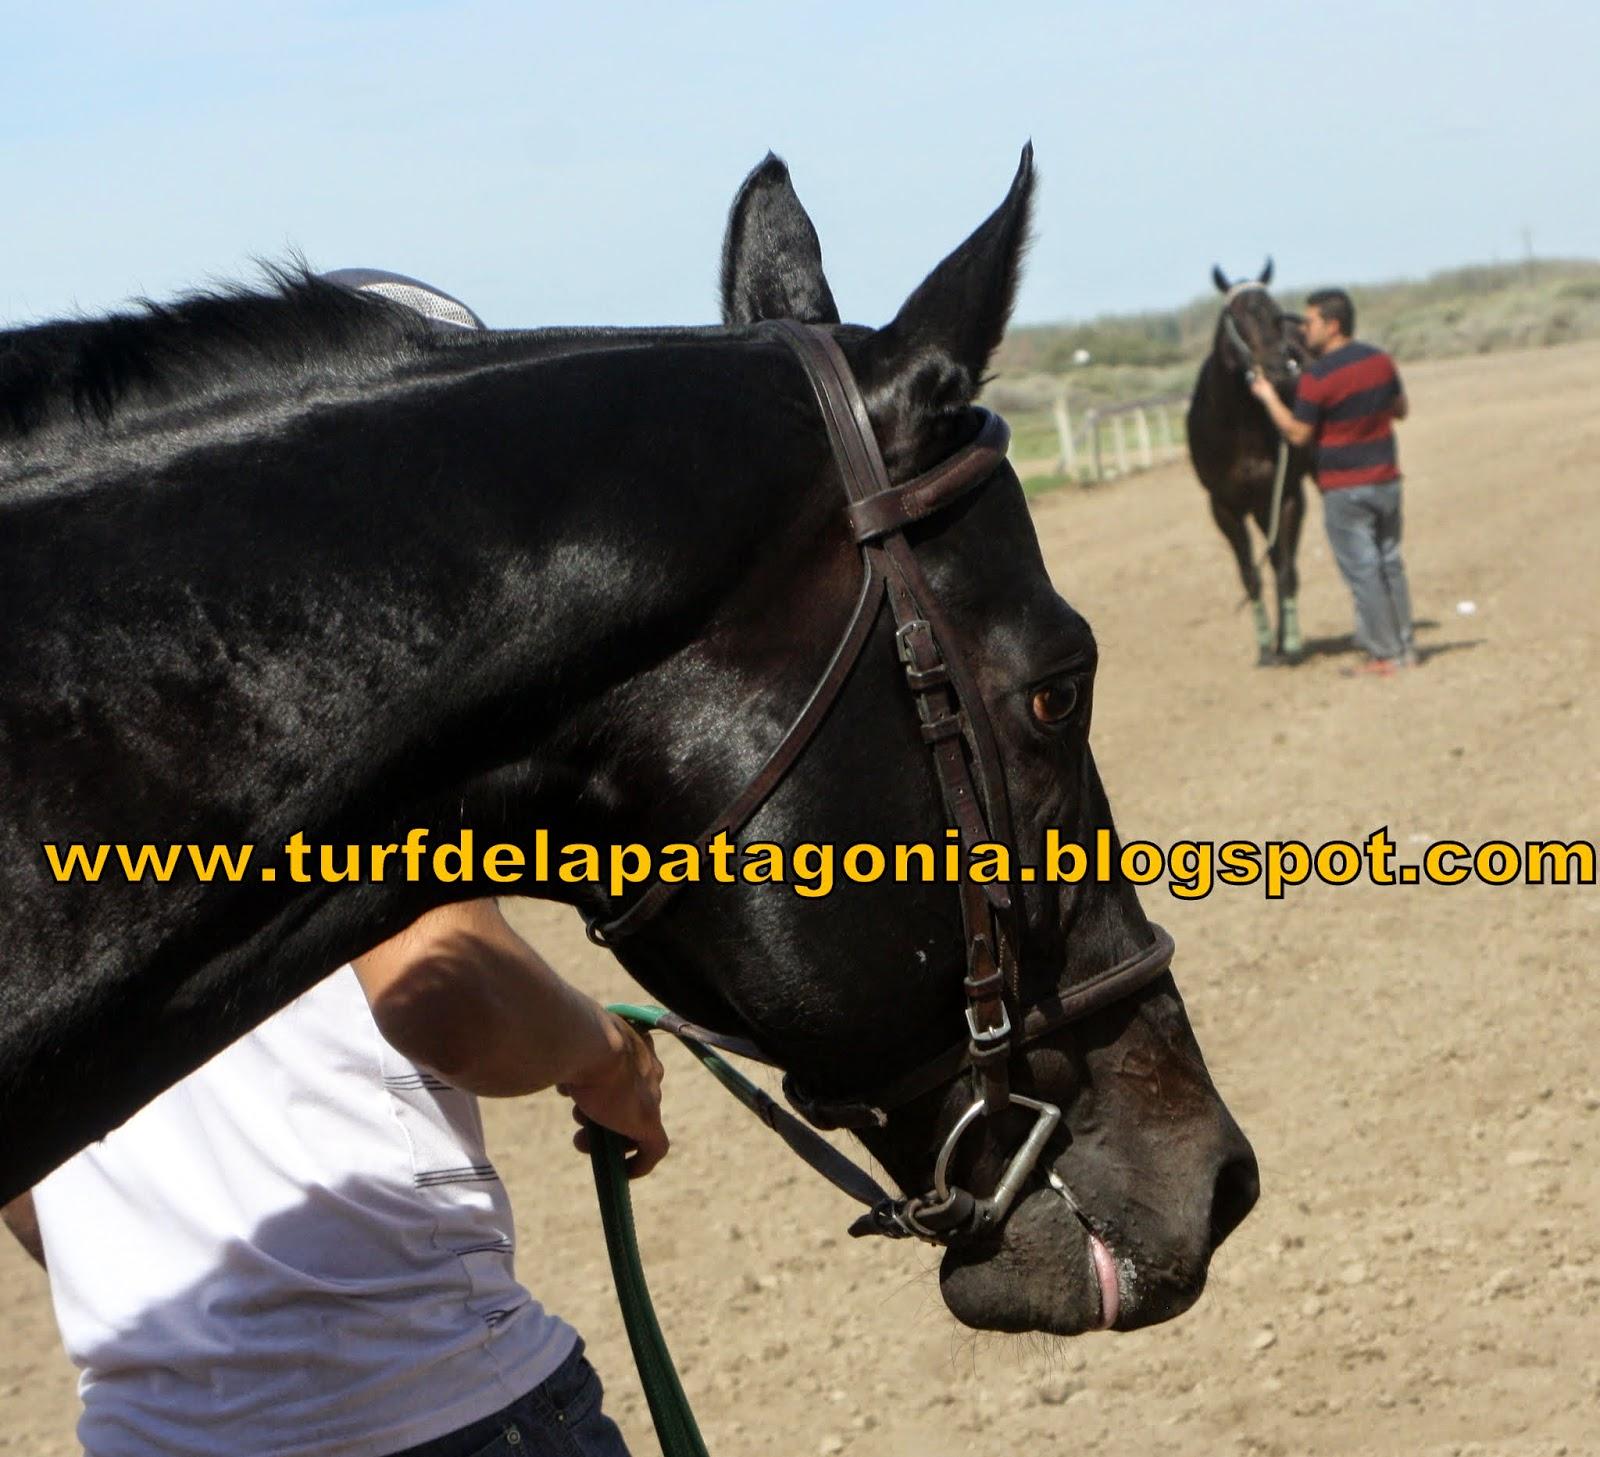 http://turfdelapatagonia.blogspot.com.ar/2014/09/video-de-villano-ganando-clasico-e.html